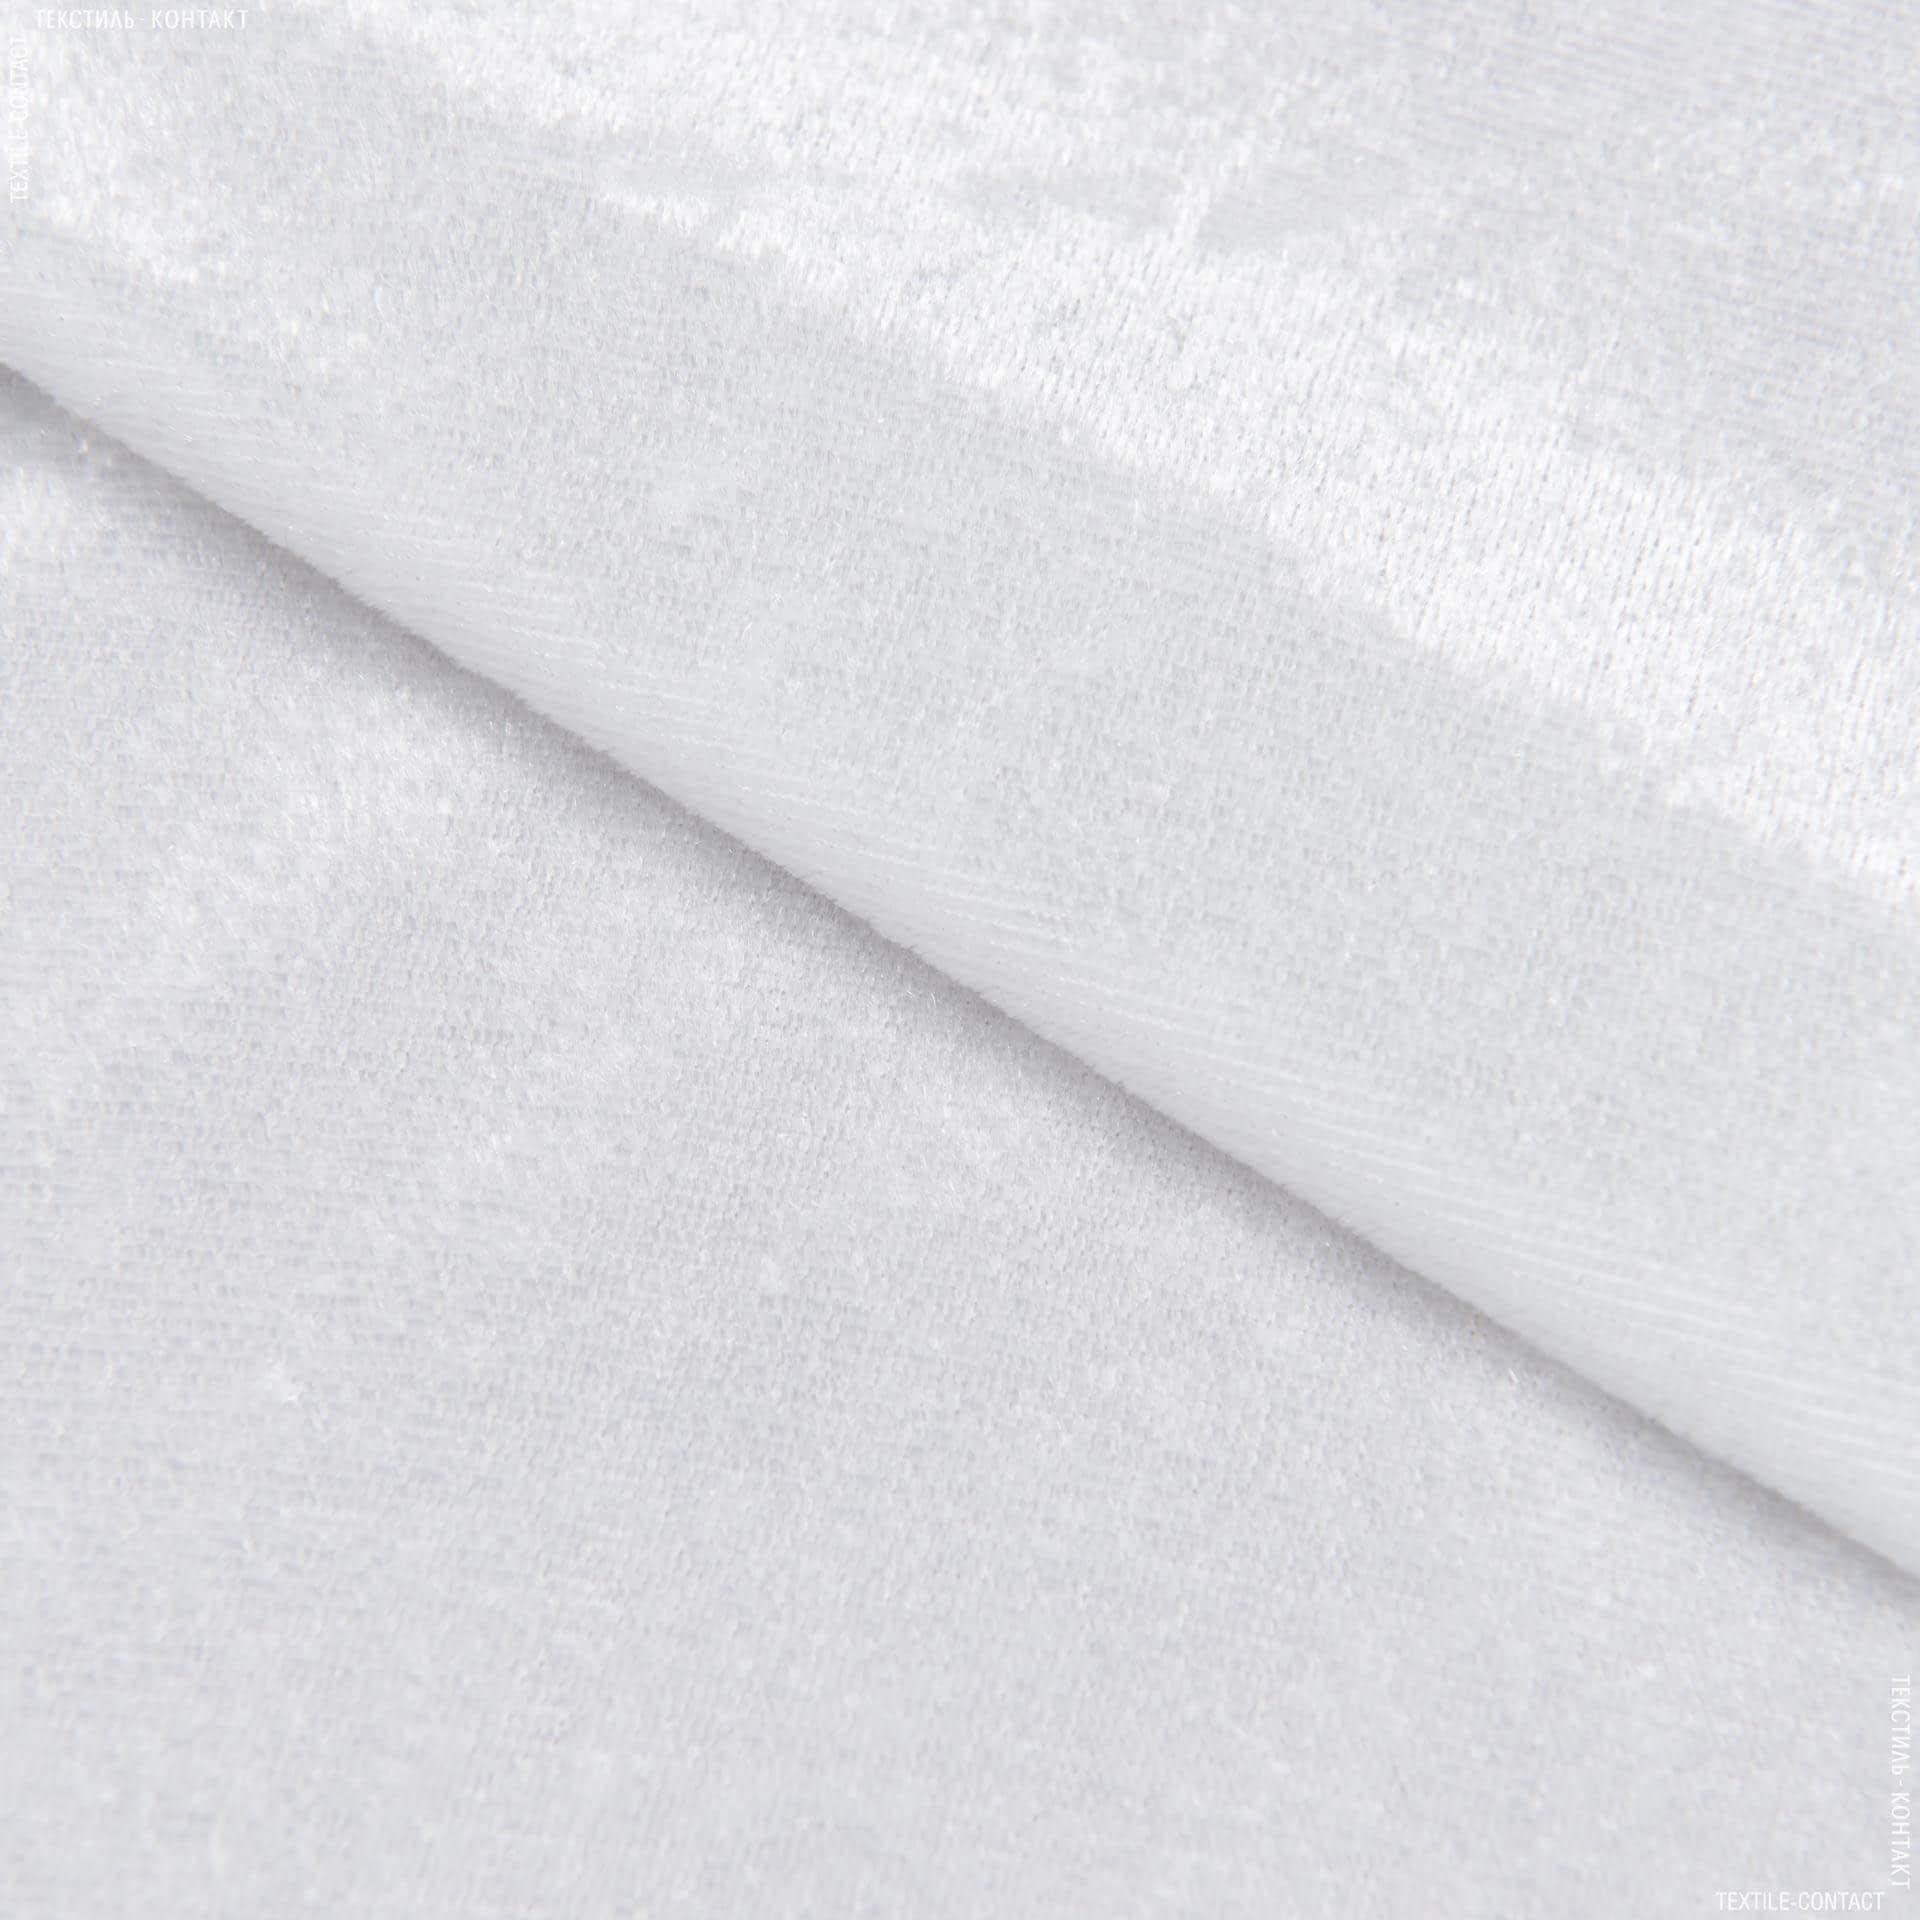 Тканини для суконь - Велюр стрейч світло-молочний